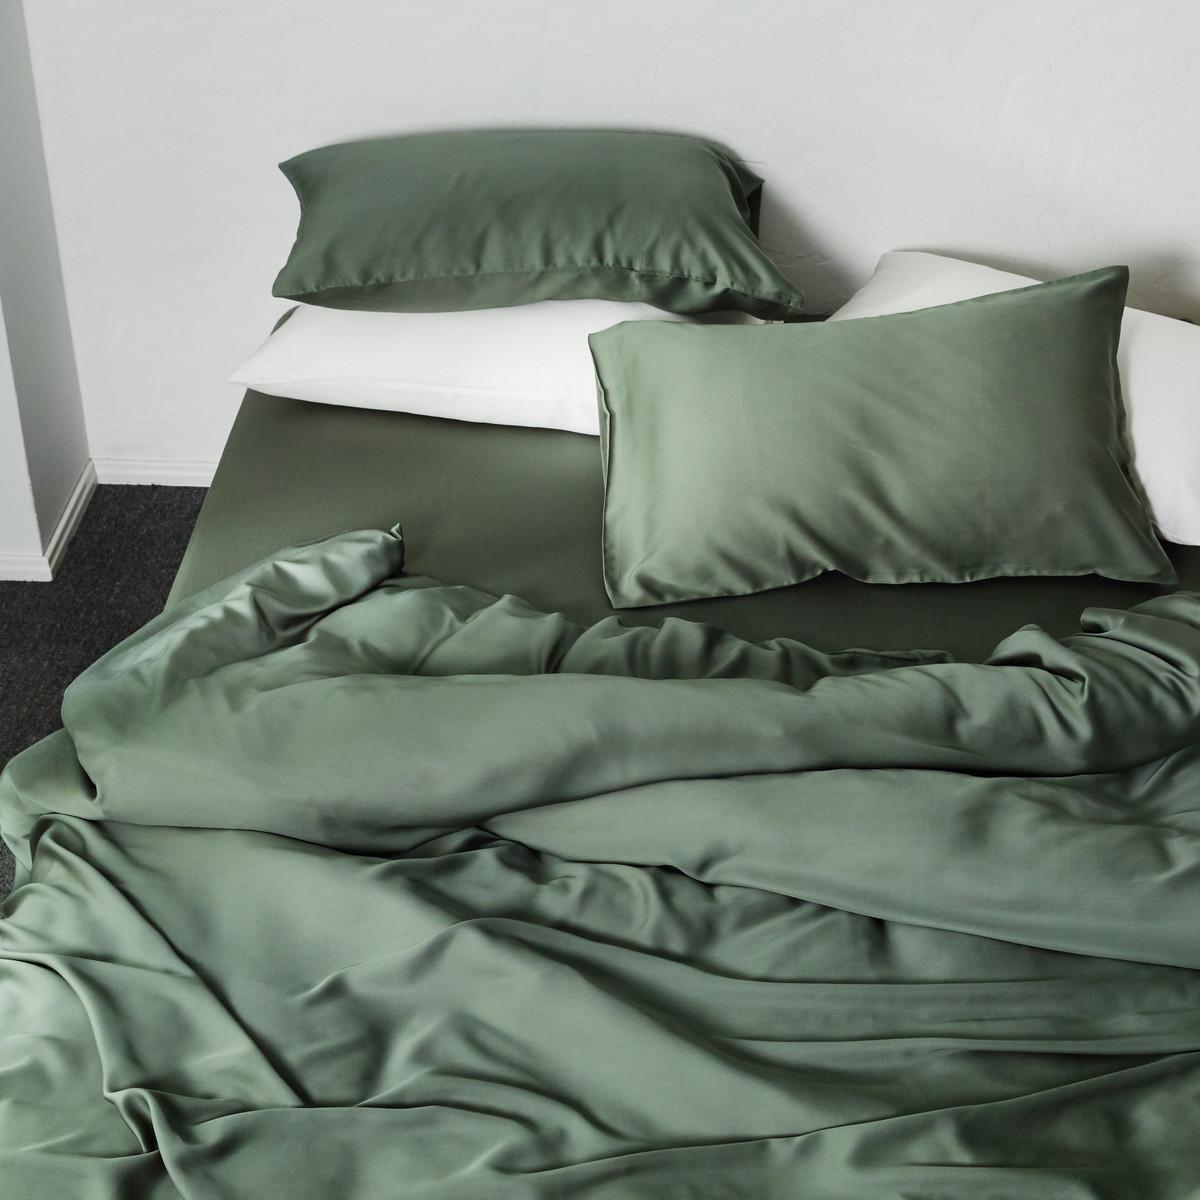 纯色天丝四件套夏季裸睡冰丝床单笠60支欧式丝滑双面天丝床上用品